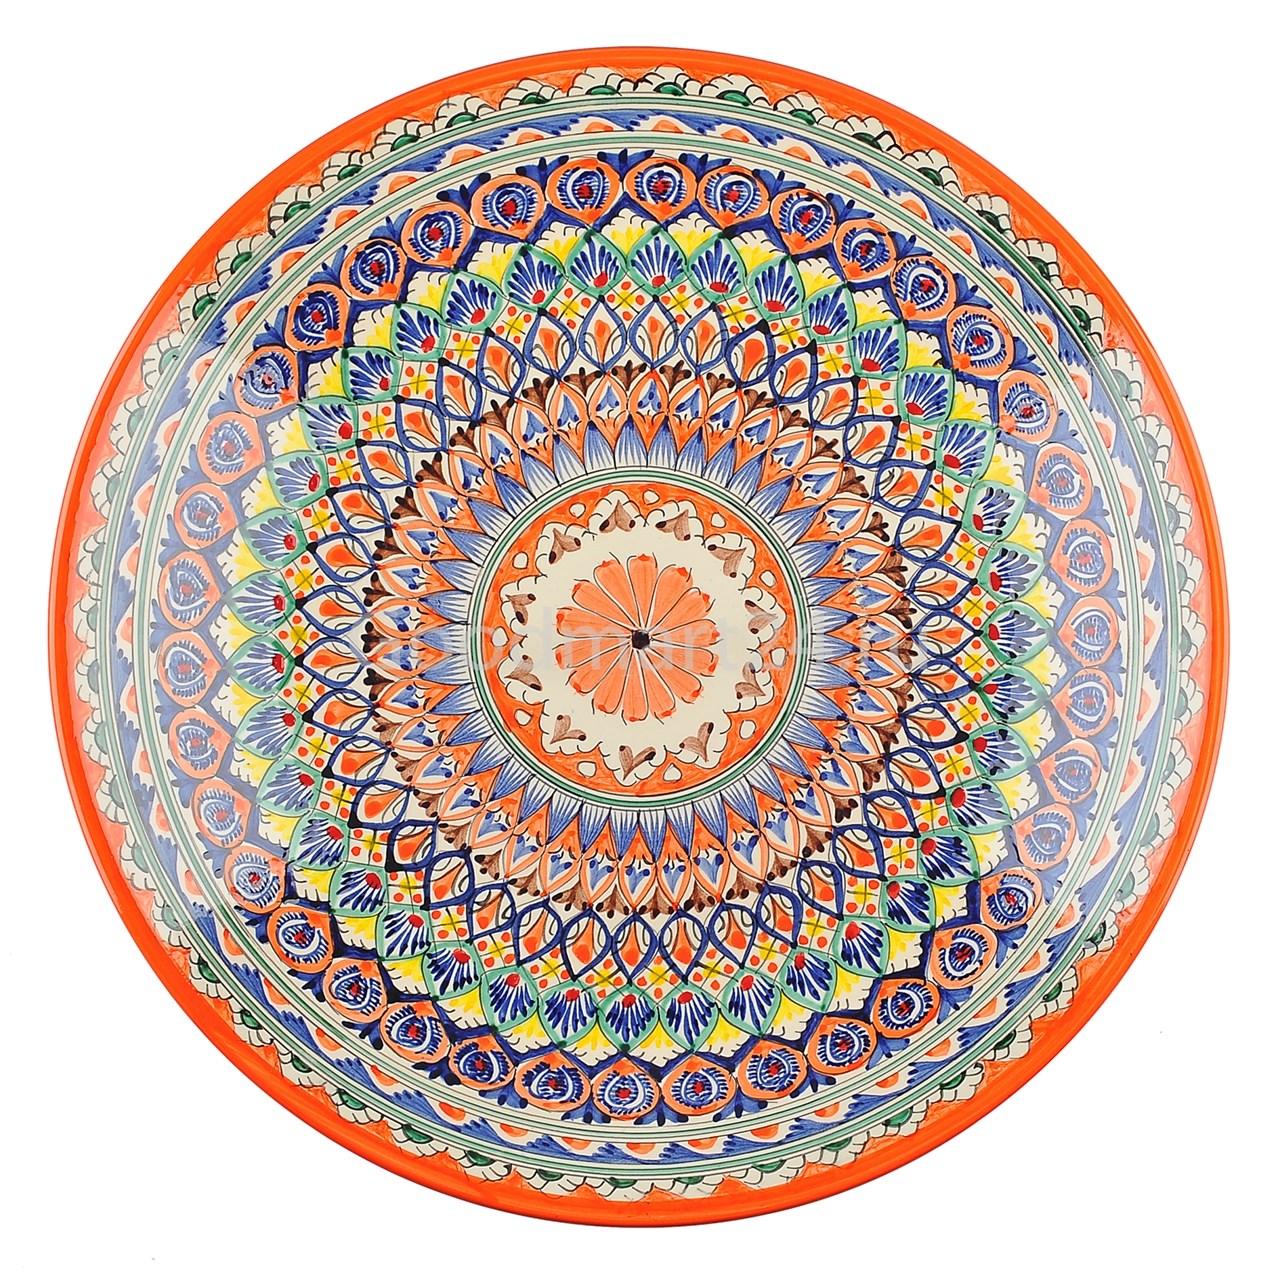 Риштанский Ляган 38 см оранжевый Мехроб - фото 12843